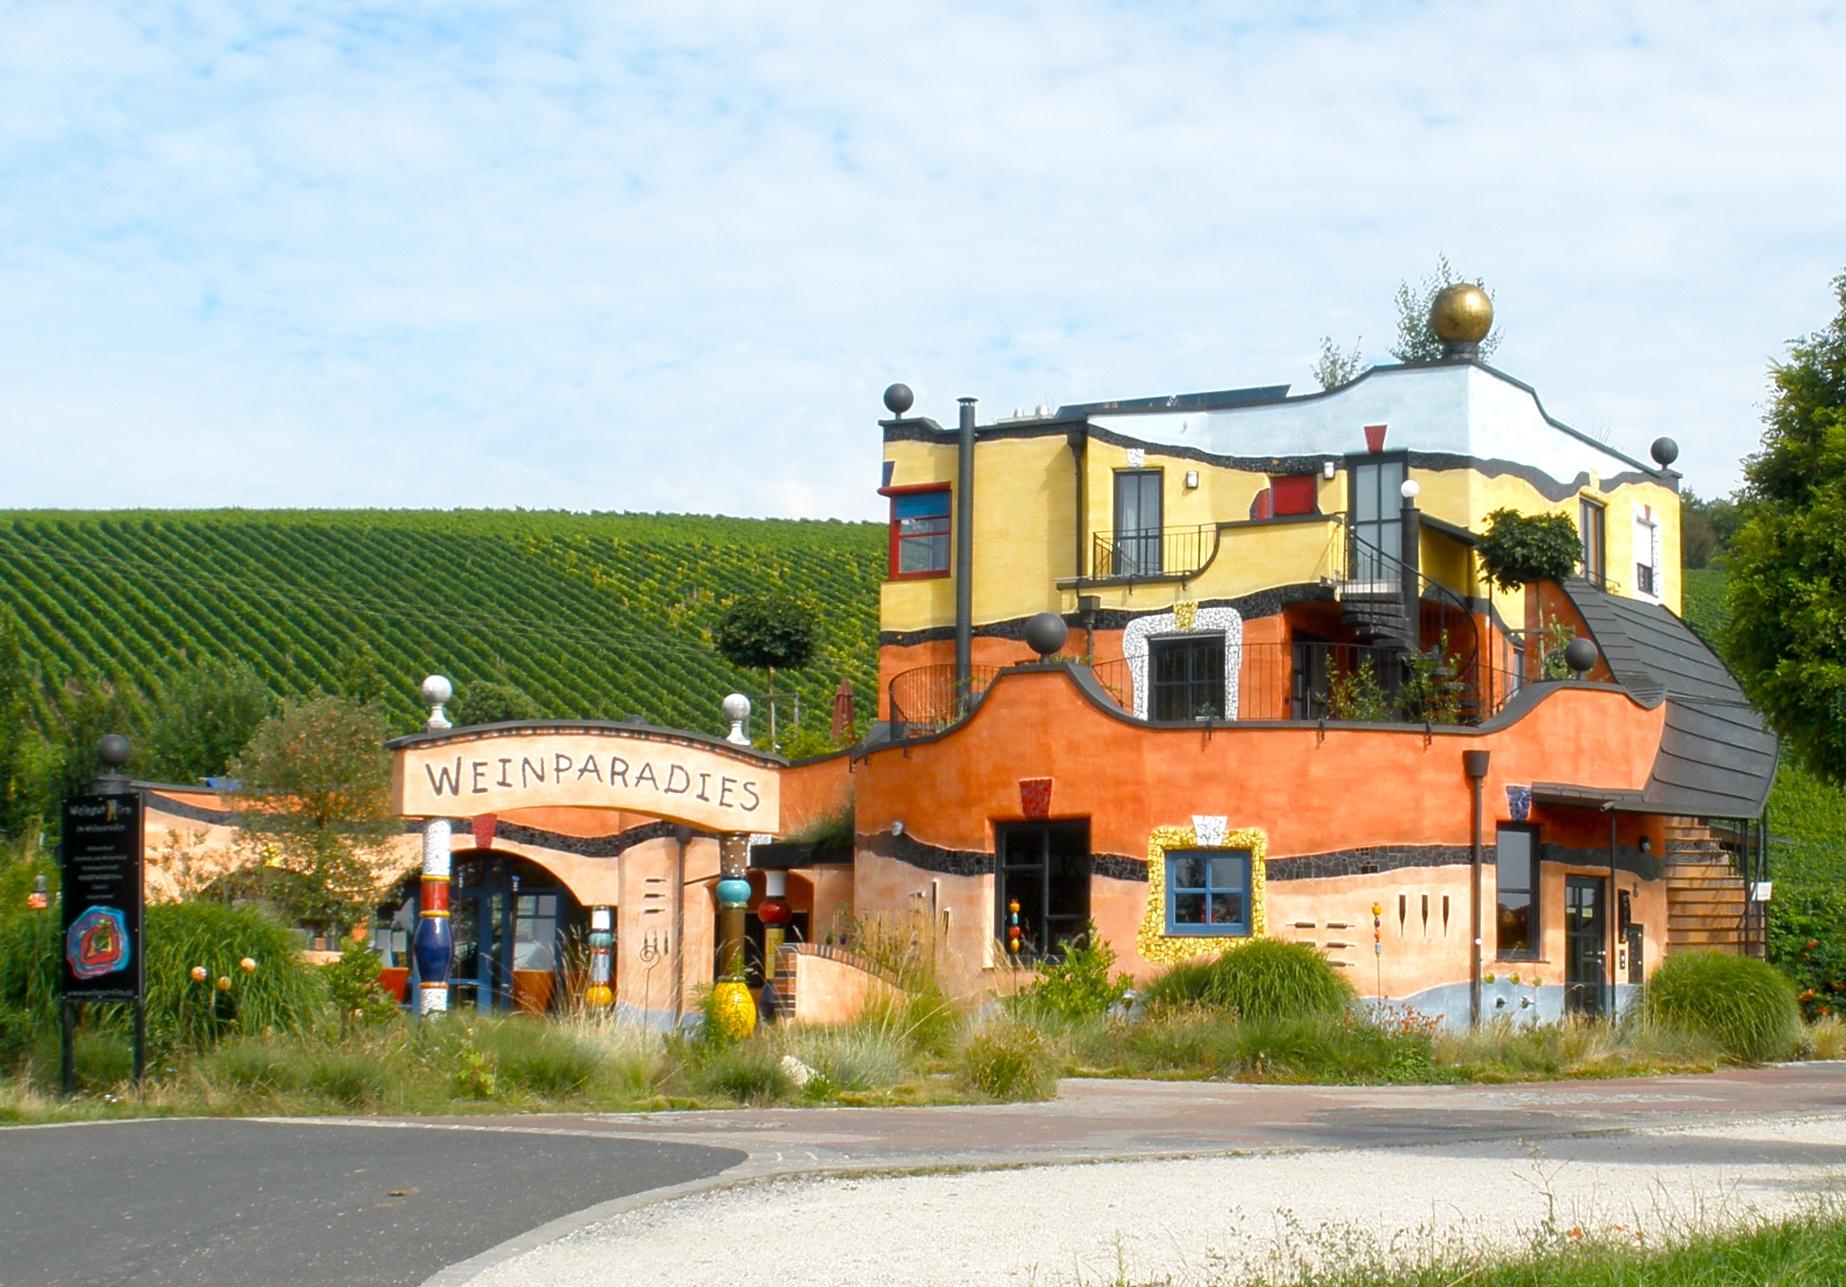 Hundertwasser on pinterest for Architecture hundertwasser